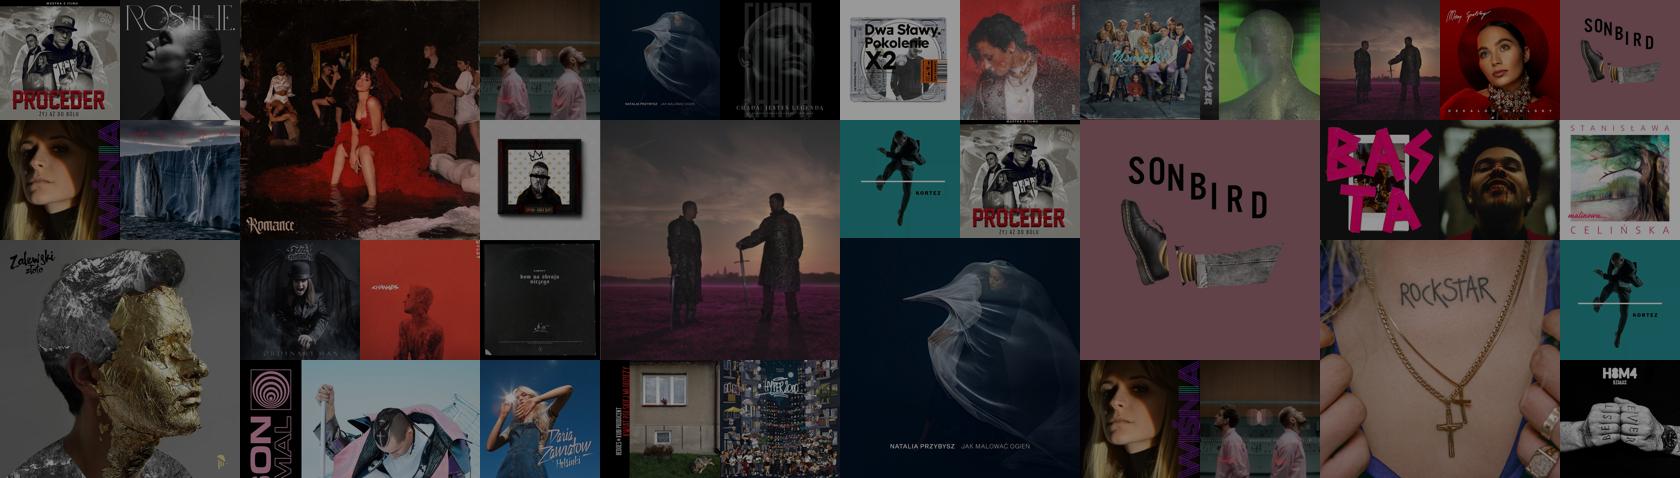 Empik Music za darmo na 6 miesięcy dla obecny Empik Premium